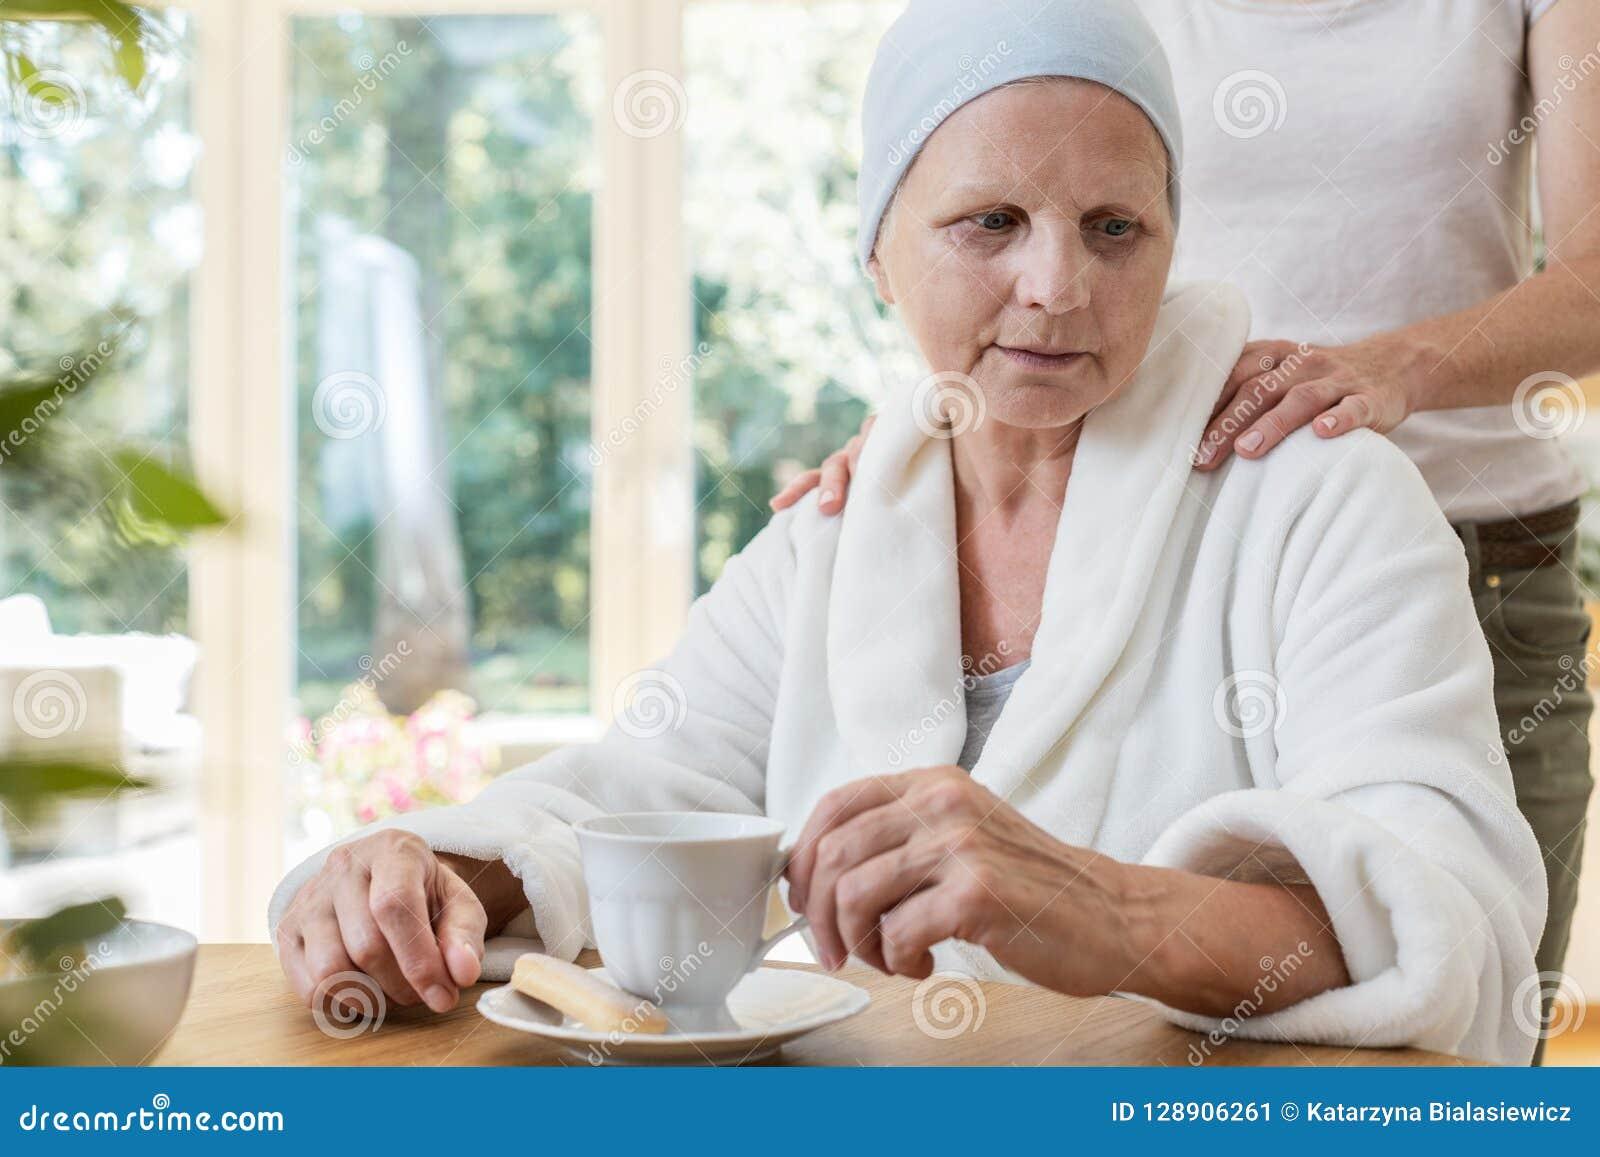 支持有癌症的家庭成员病的年长妇女